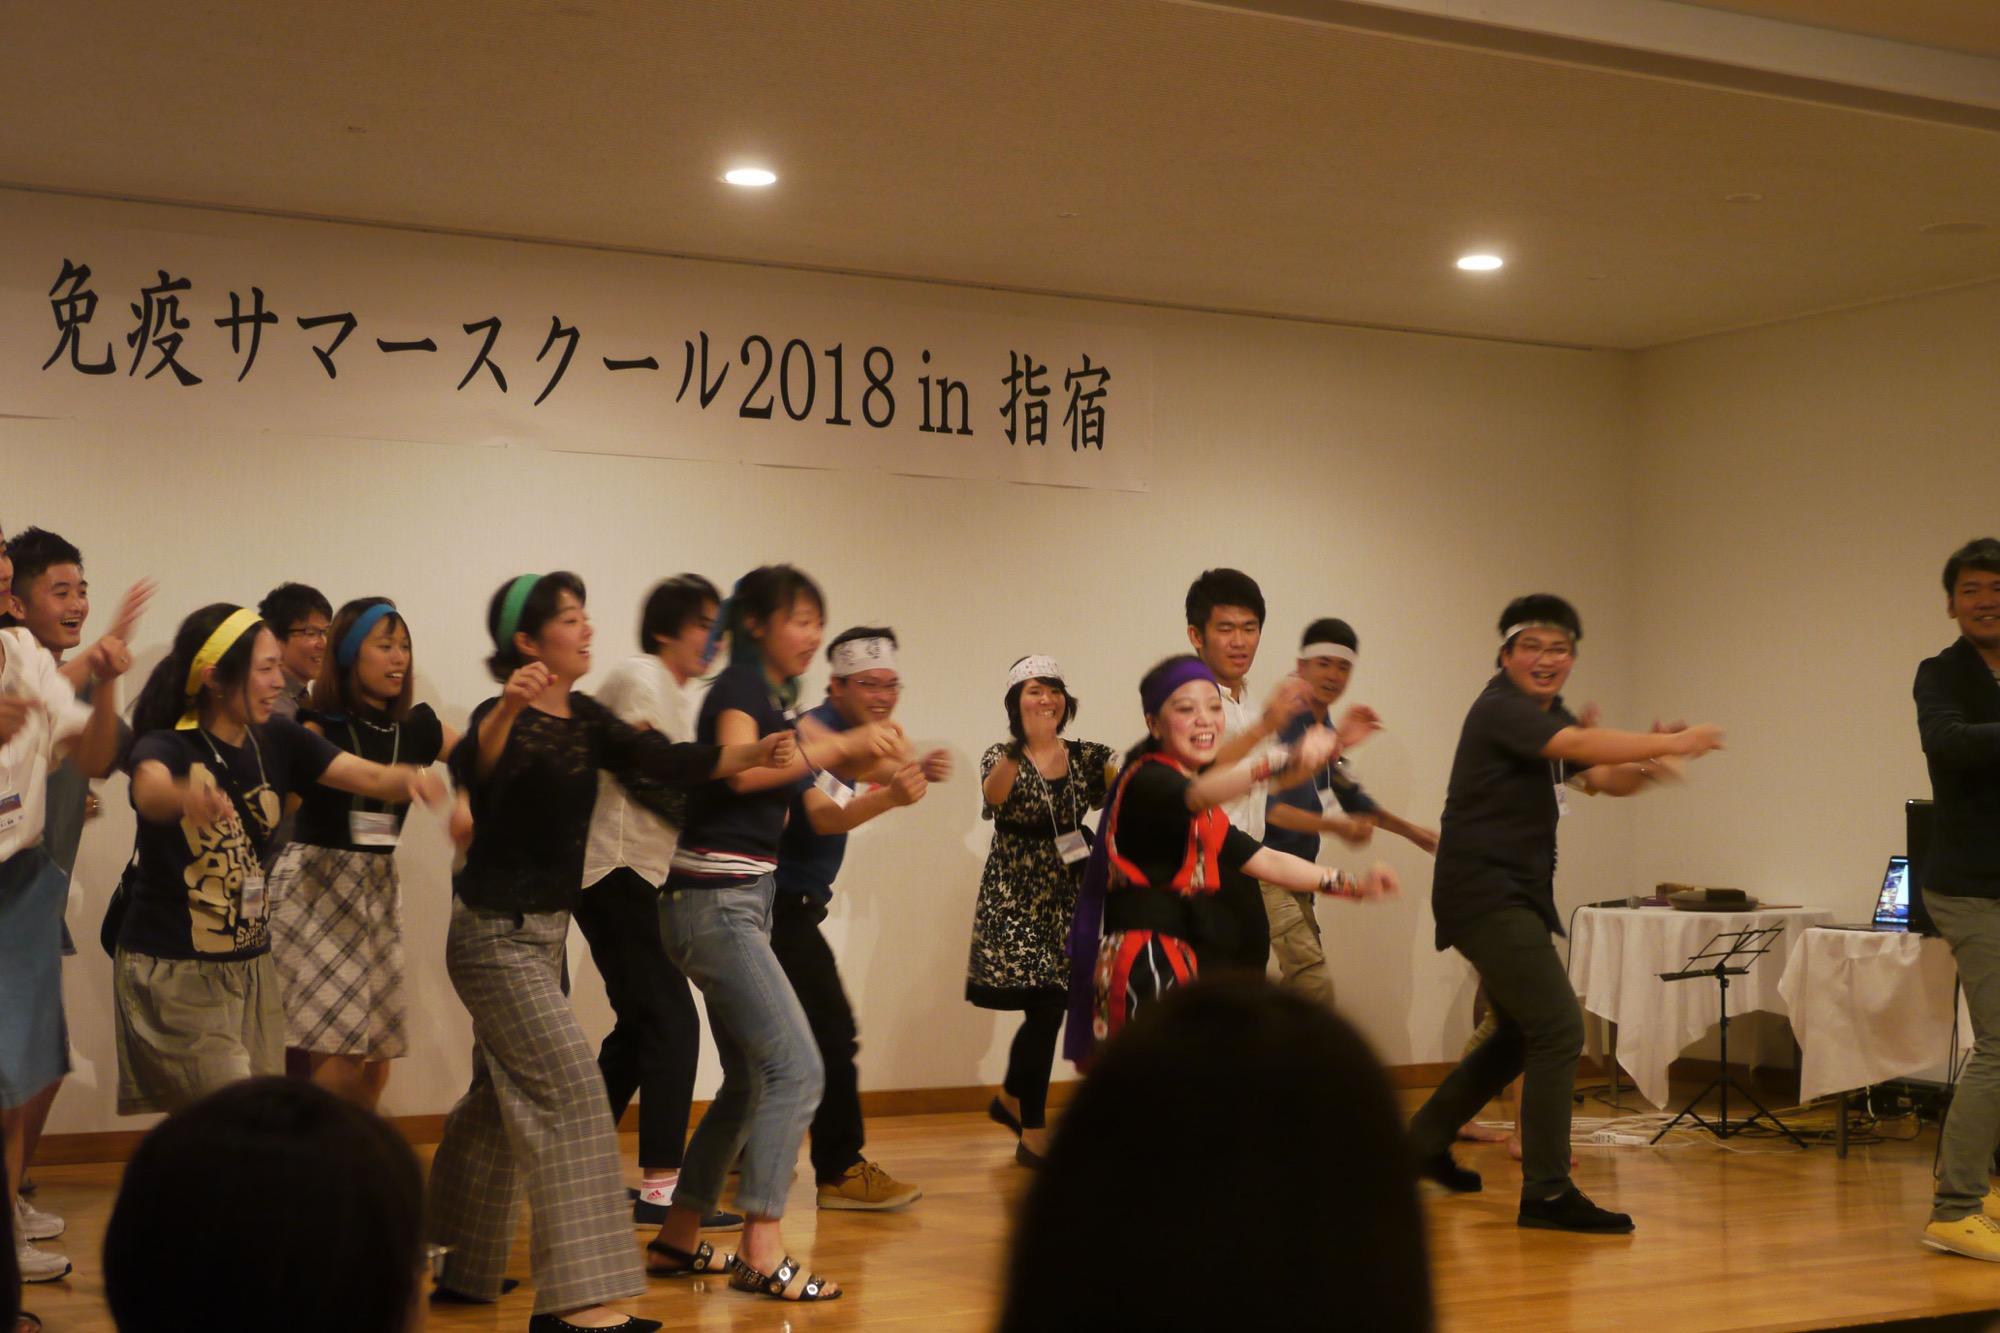 みんなで踊りました